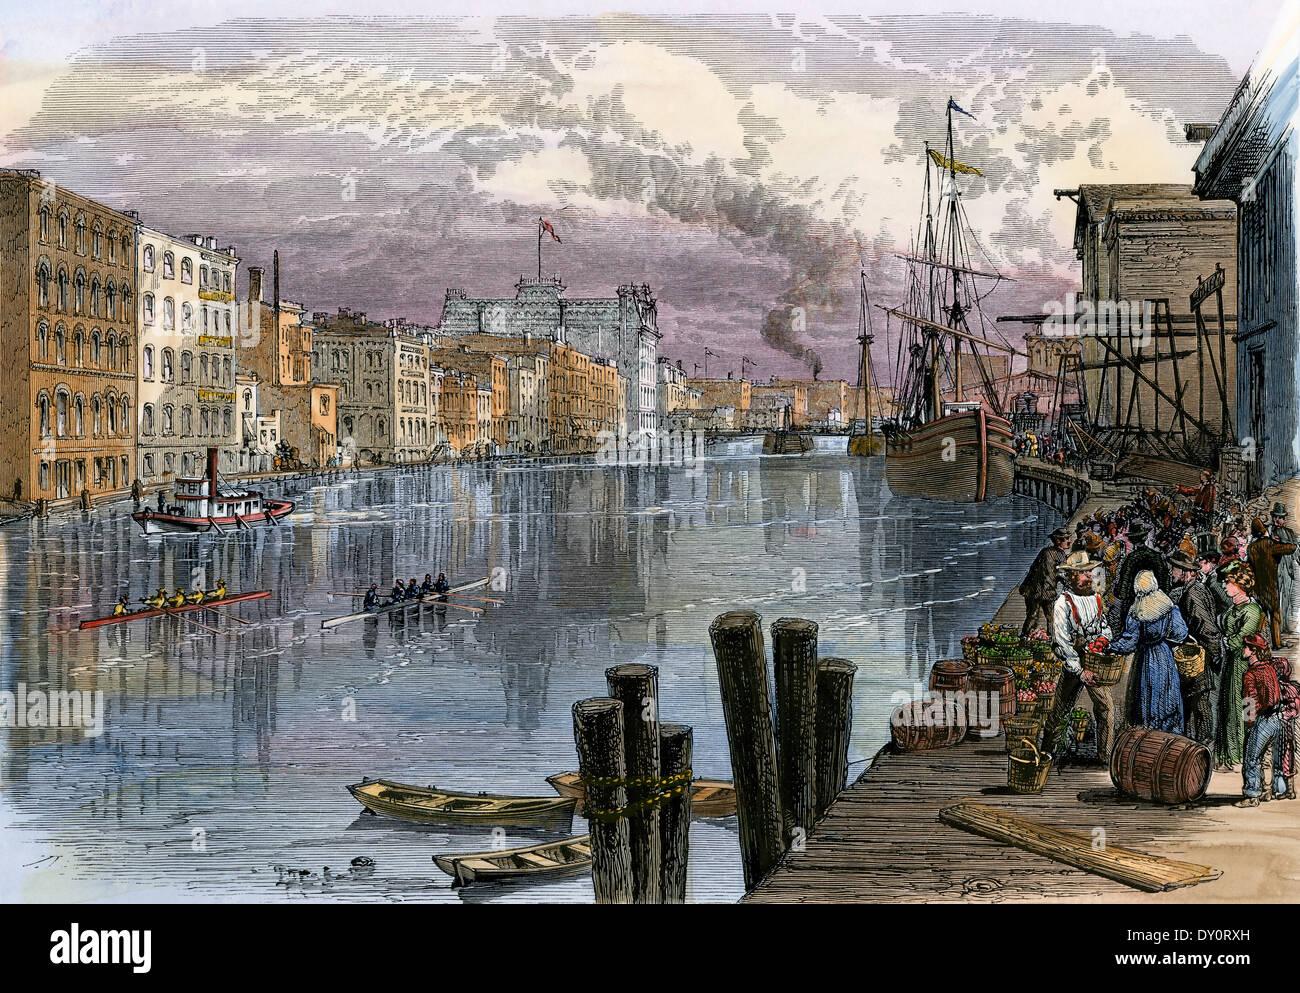 Beschäftigt Milwaukee River Waterfront, der 1870er Jahre. Stockbild